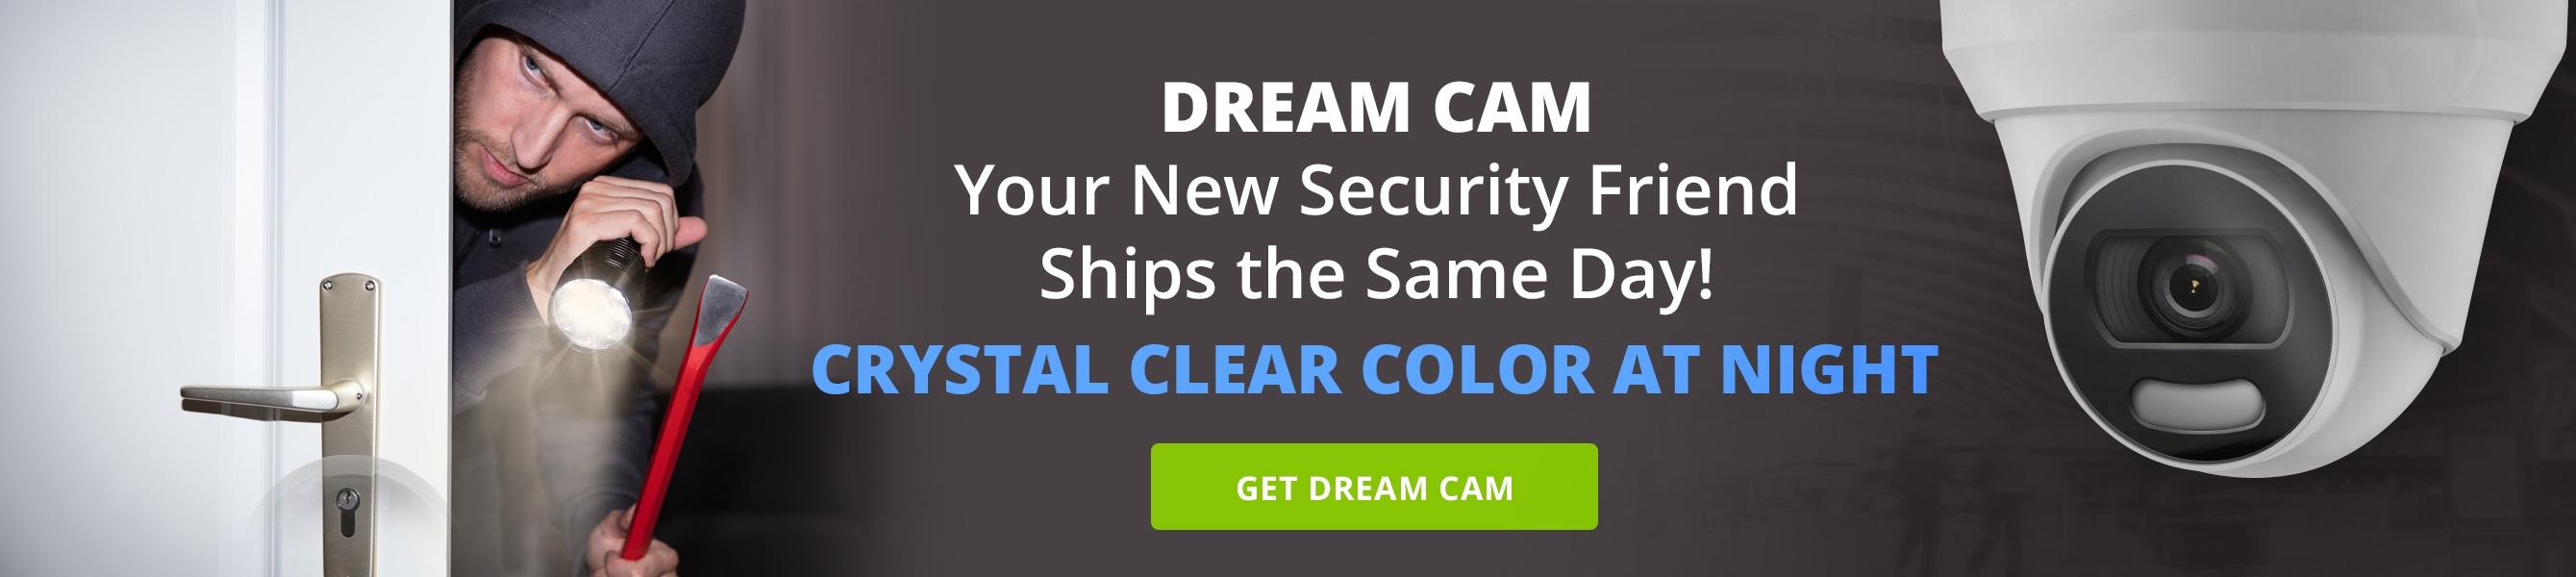 Cantek Dream Cam